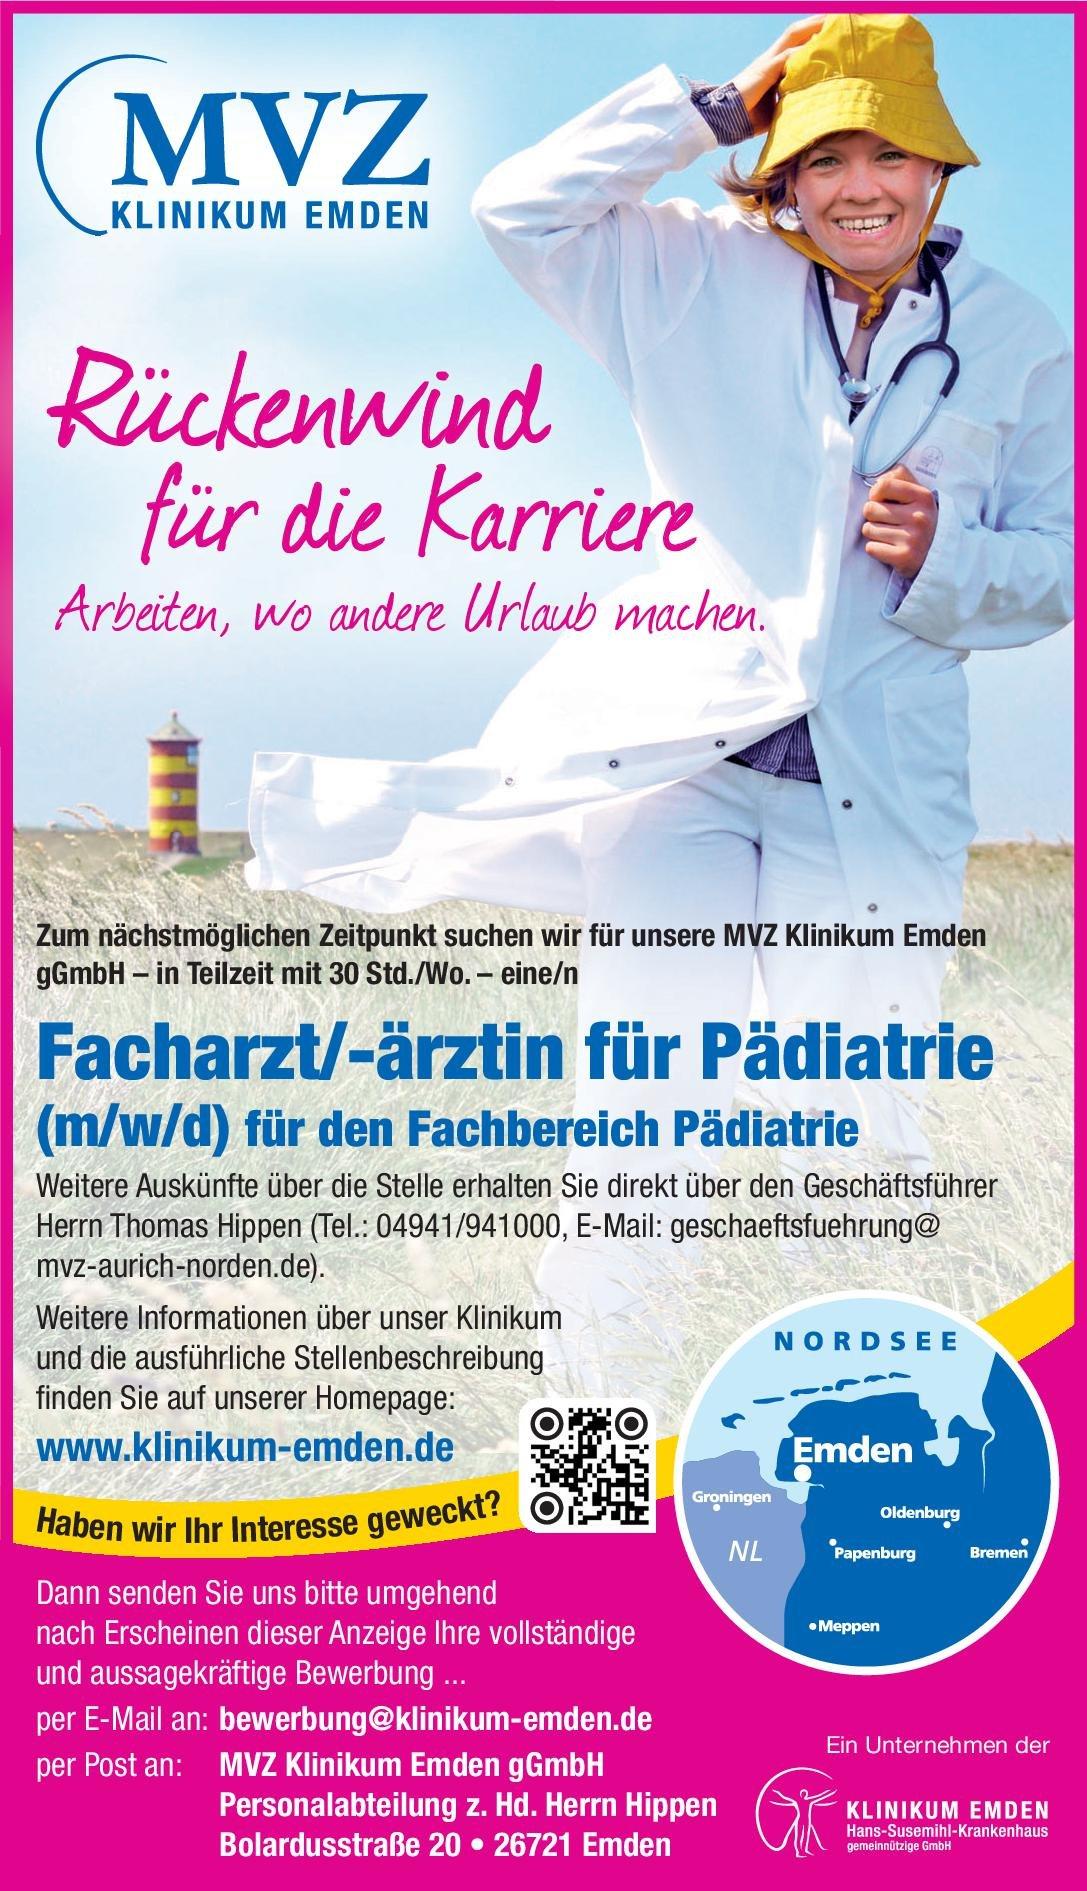 MVZ Klinikum Emden gGmbH Facharzt/-ärztin für Pädiatrie  Kinder- und Jugendmedizin, Kinder- und Jugendmedizin Arzt / Facharzt